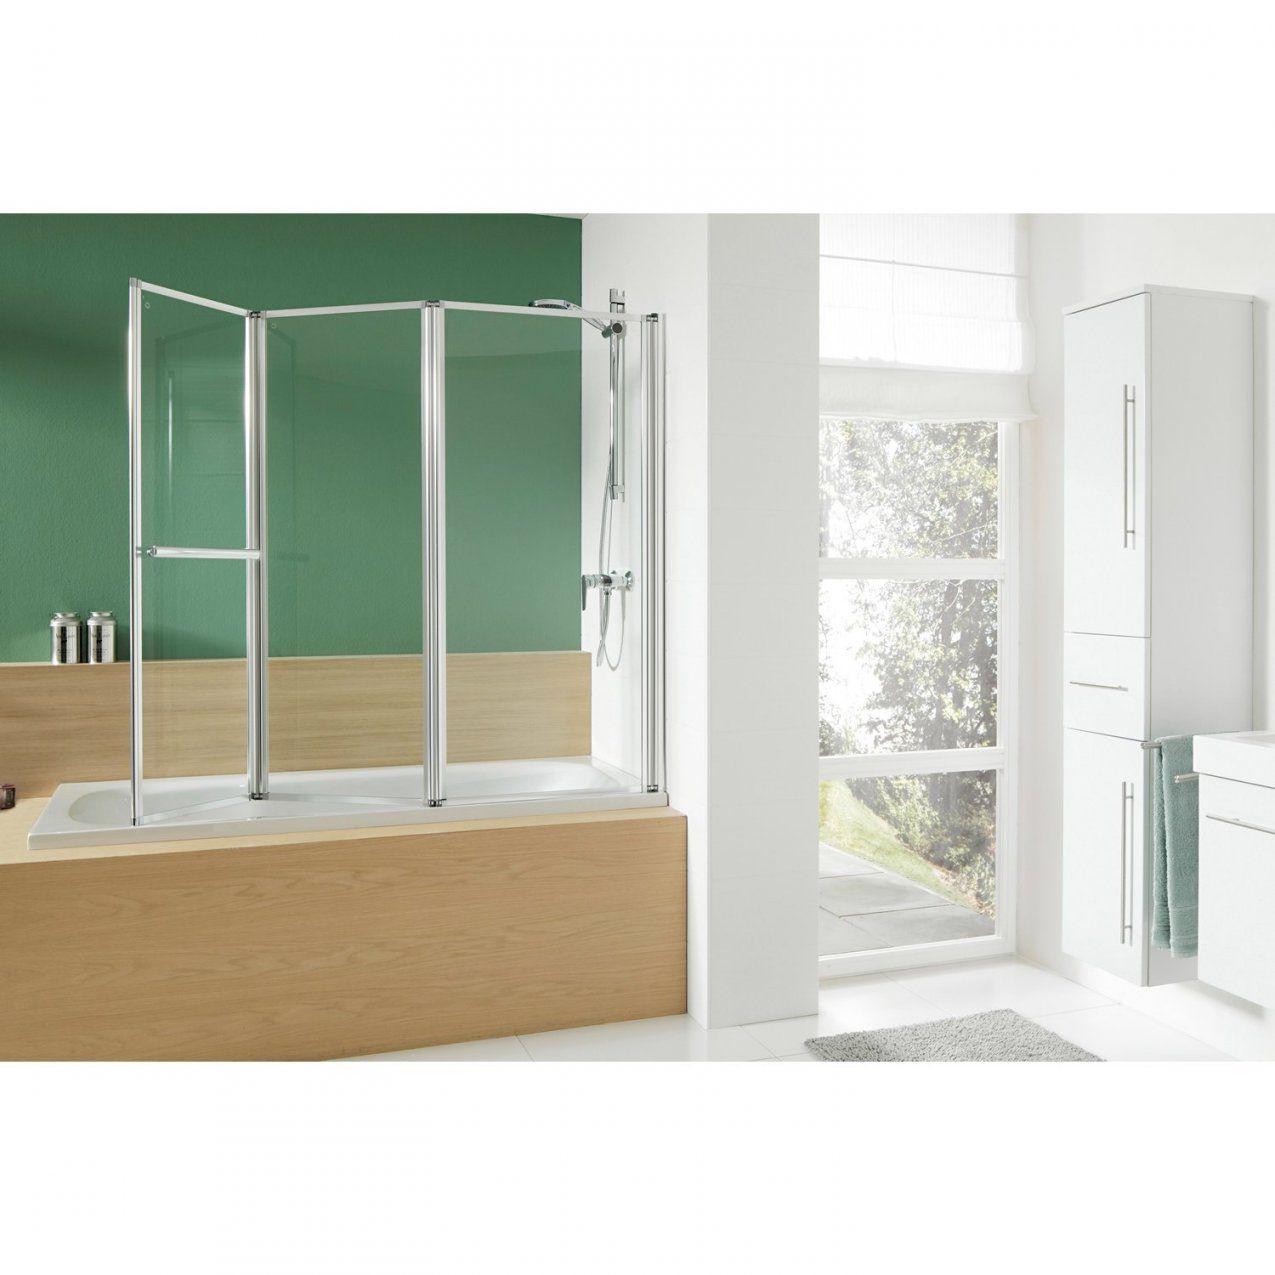 Obi Badewannenaufsatz Mit Handtuchhalter Von Duschwand Fur Badewanne Obi Photo Duschwand Fur Badewanne Duschwand Handtuchhalter